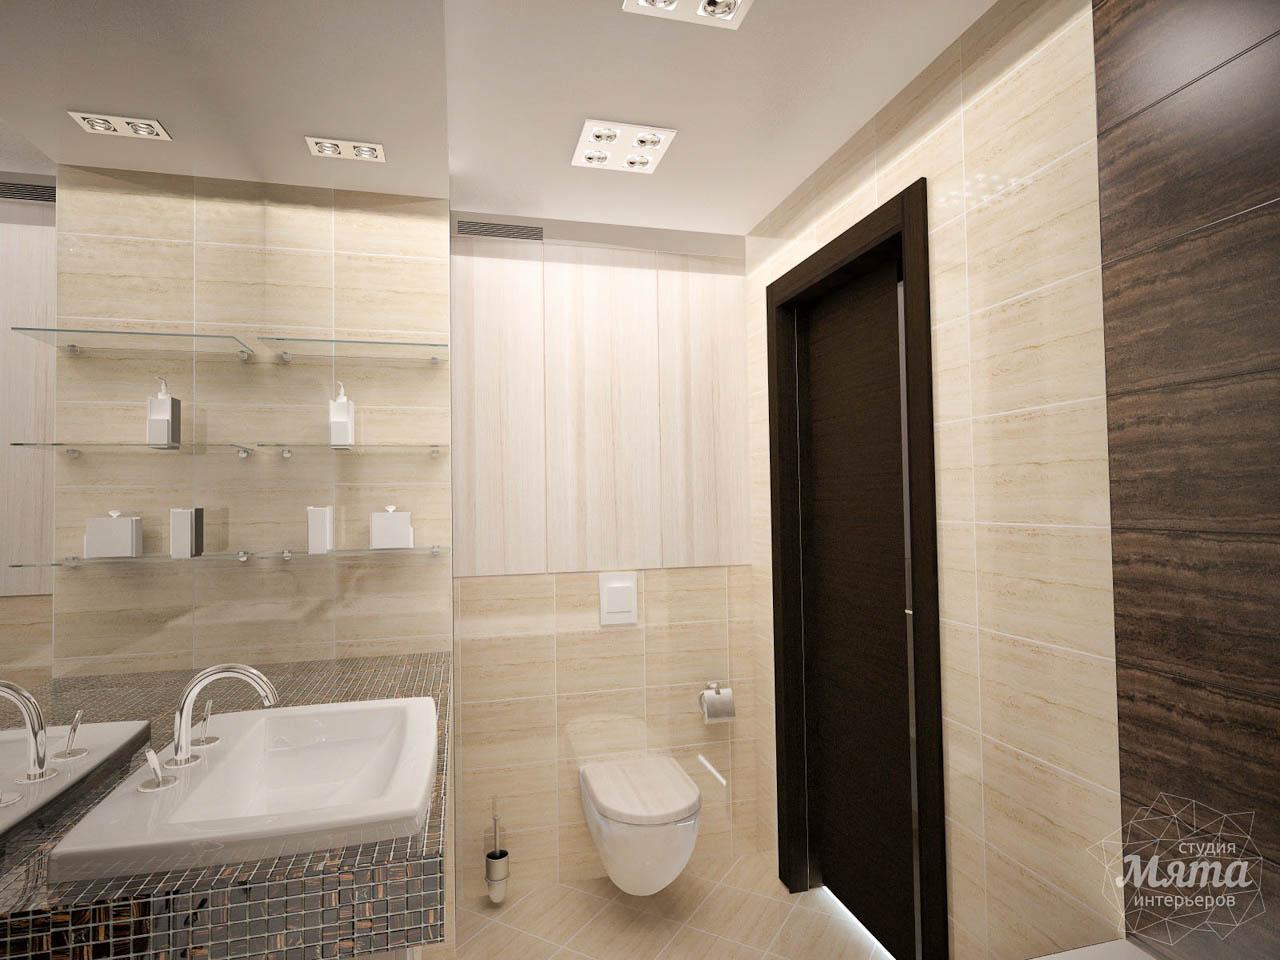 Дизайн интерьера трехкомнатной квартиры по ул. Белинского 222 img1806755309